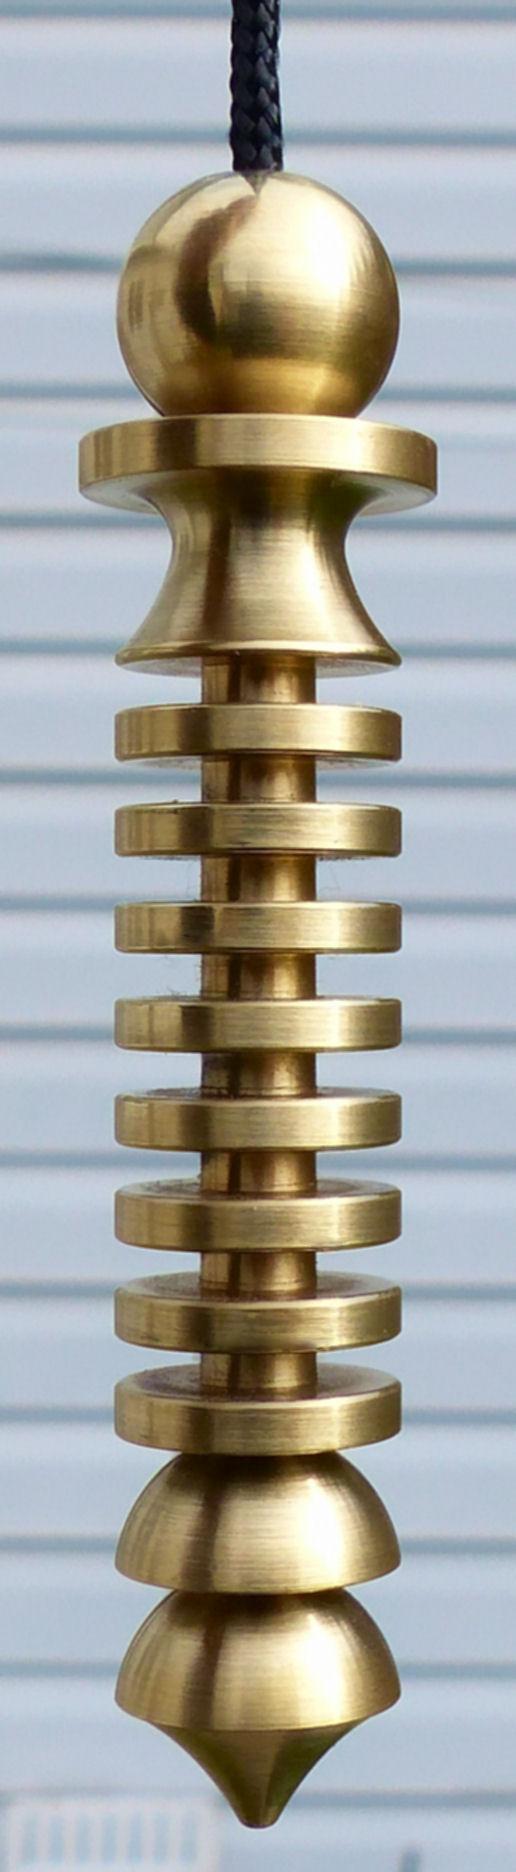 Mer-Isis Brass Large Dowsing Pendulum, Divining Mind